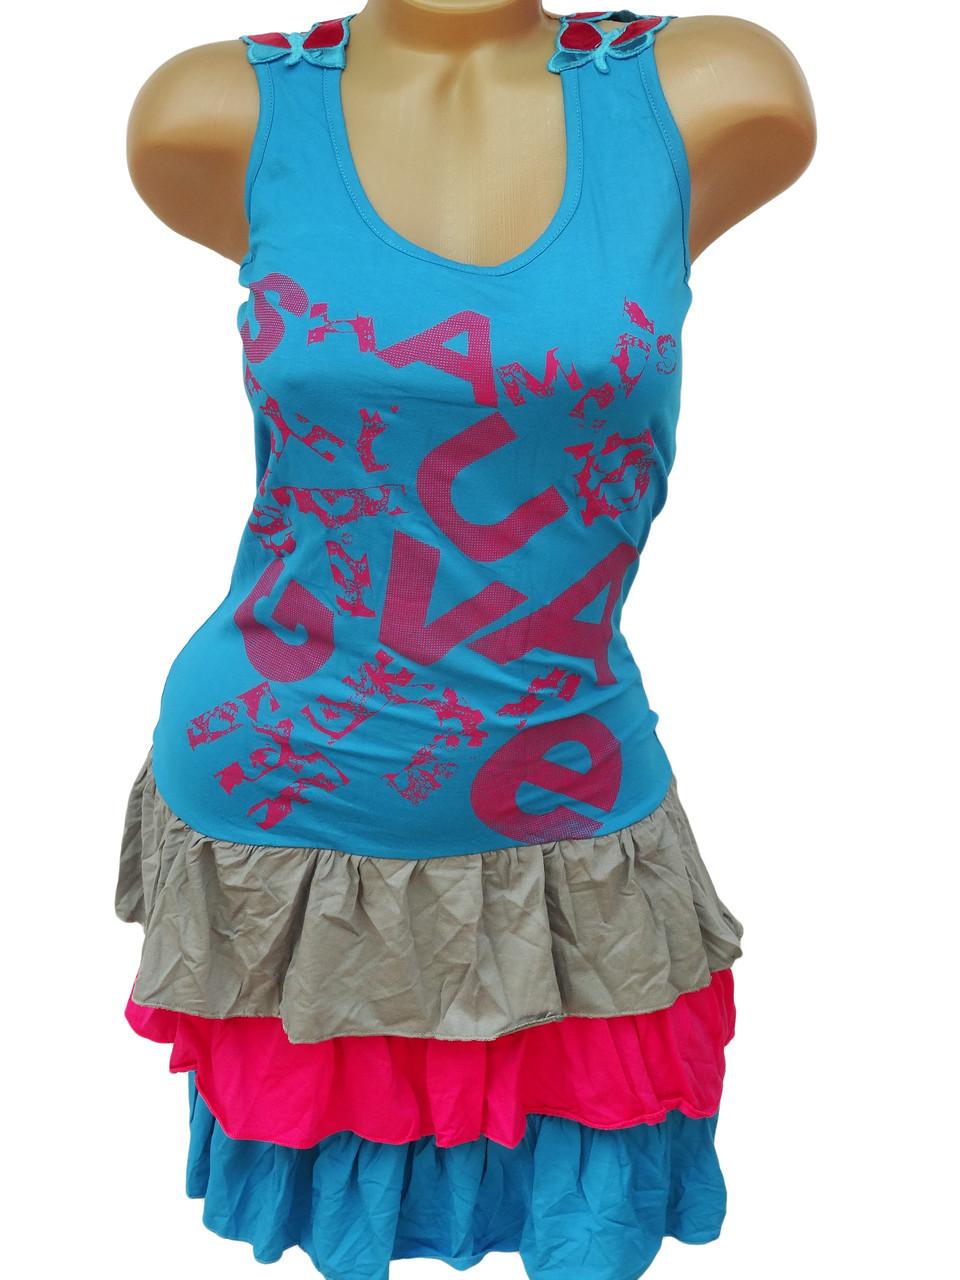 Женская Одежда Оптом Без Рядов Xt Jrcfhs